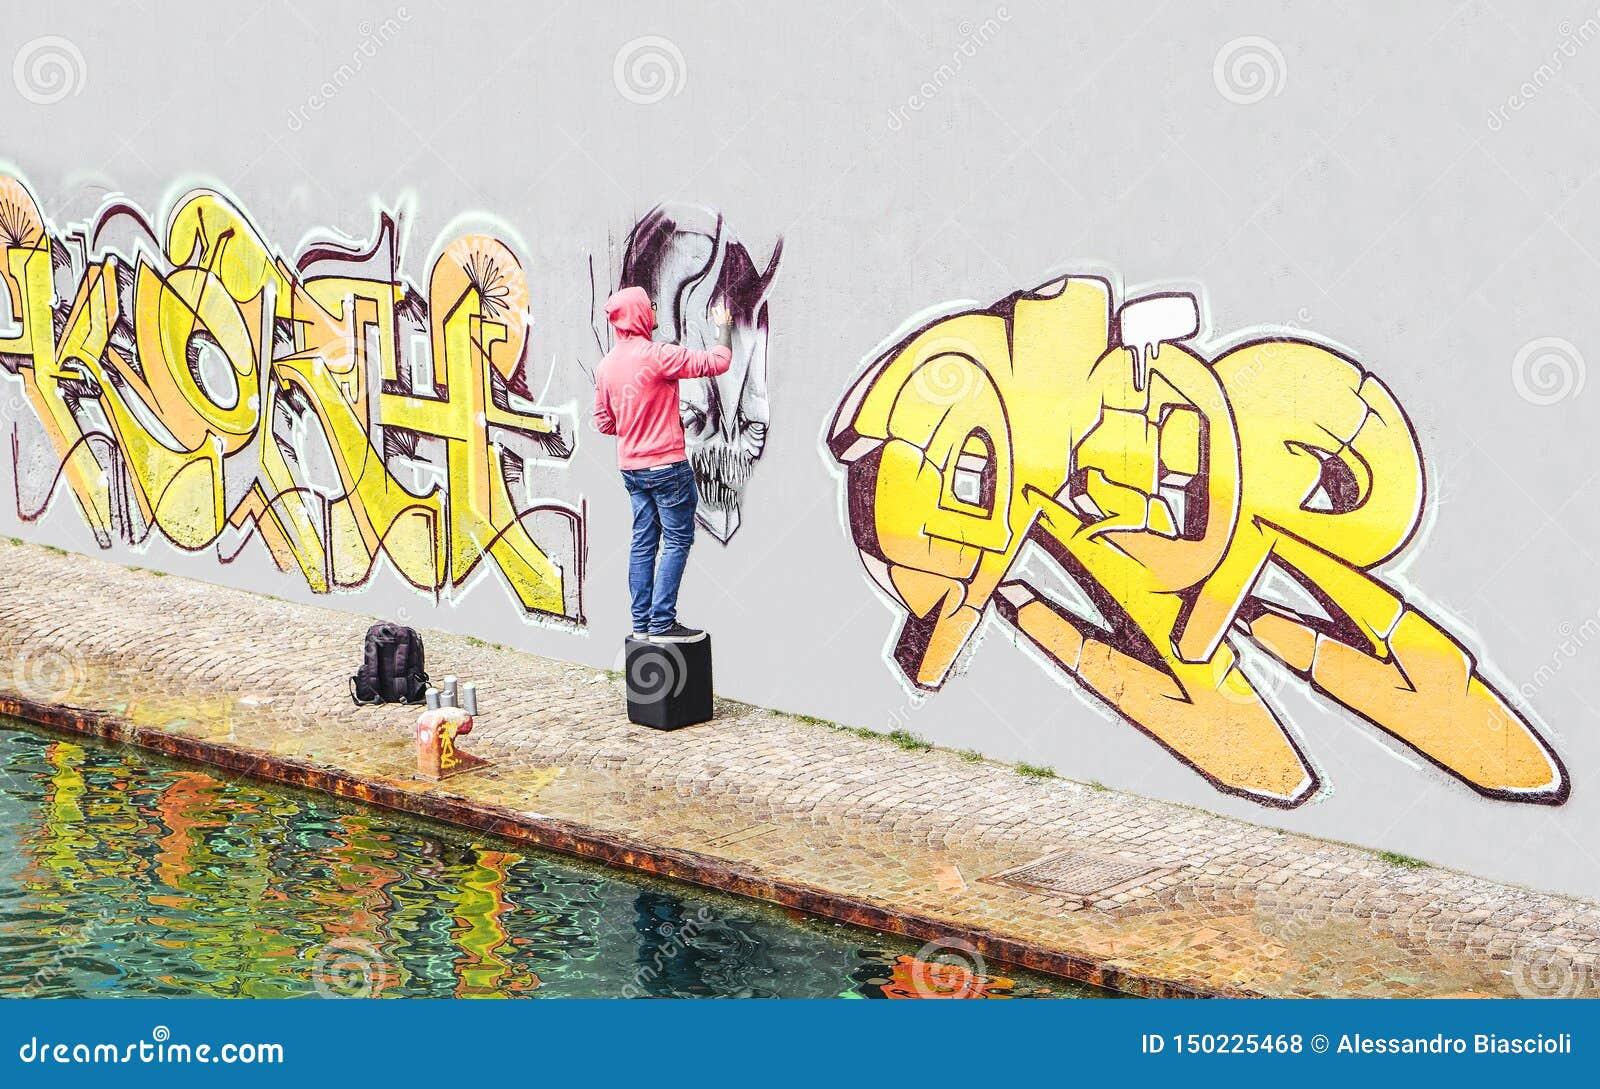 Pintura do artista dos grafittis da rua com uma lata de pulverizador da cor um grafitti na parede na cidade - conceito do estilo